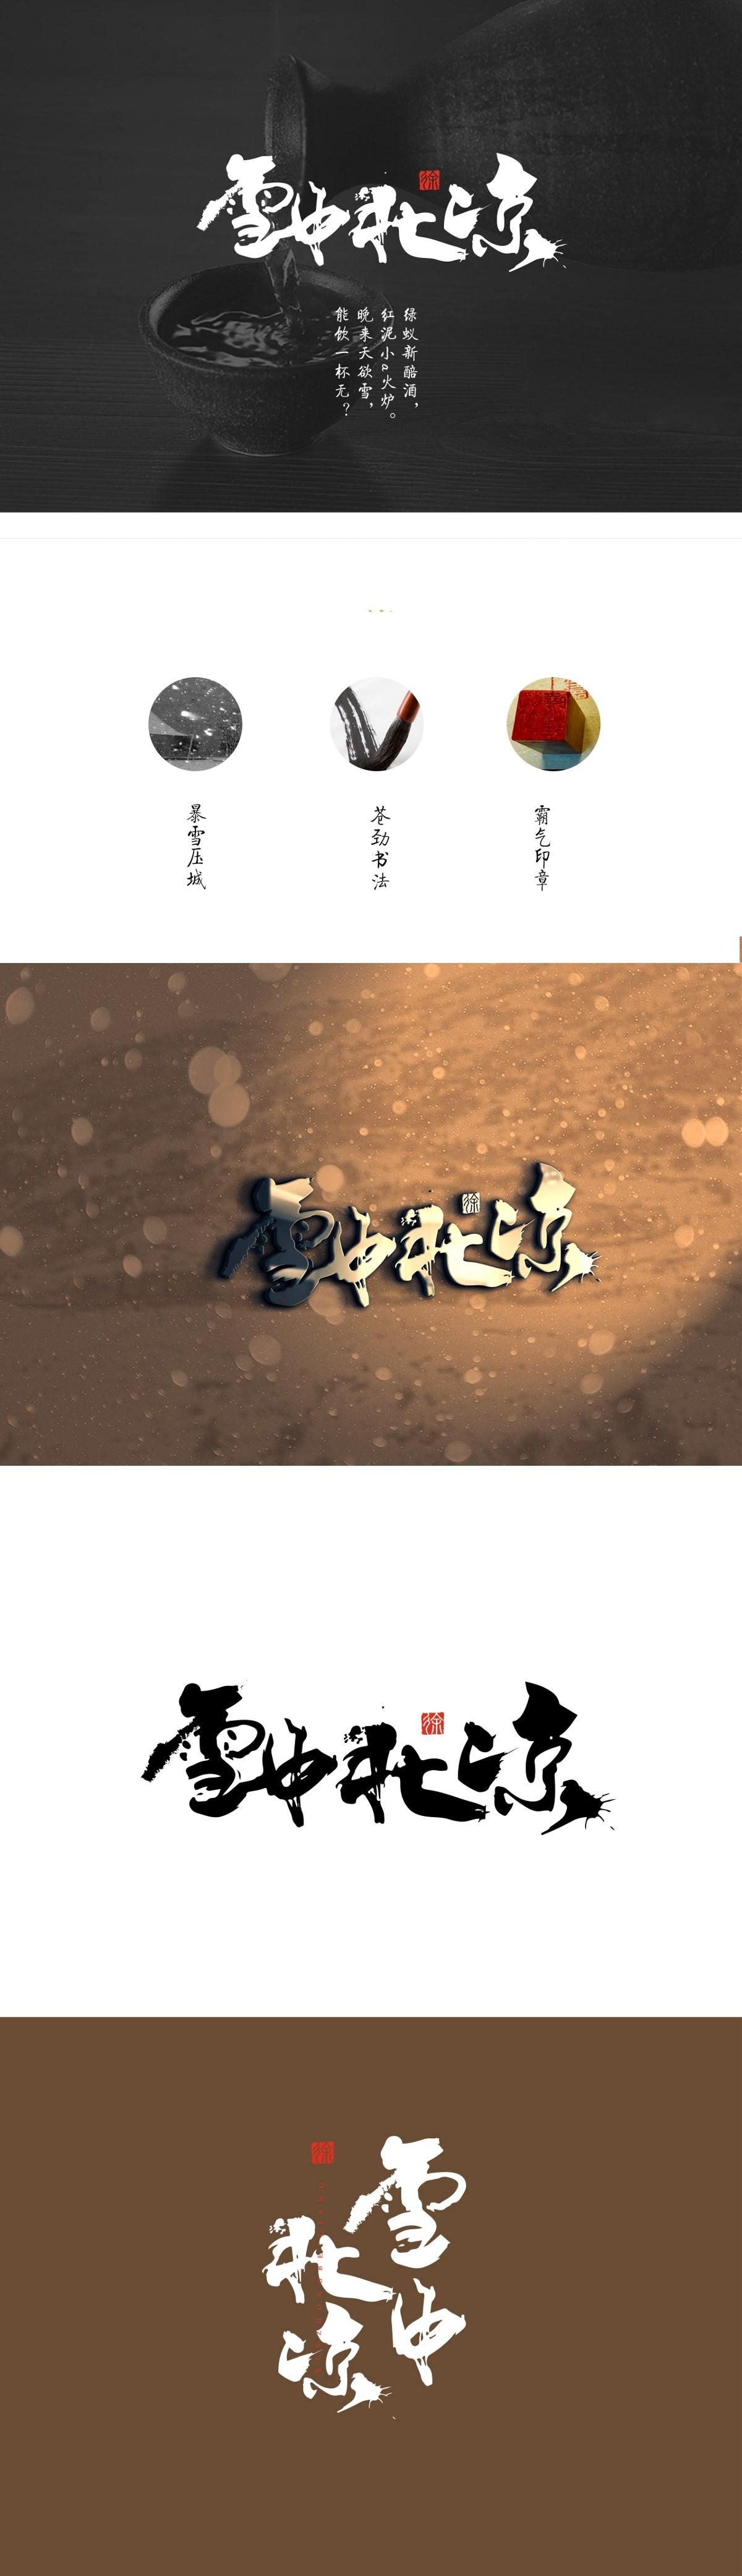 绿蚁酒商标设计 雪中北凉 logo设计 酒类商标 书法字体设计